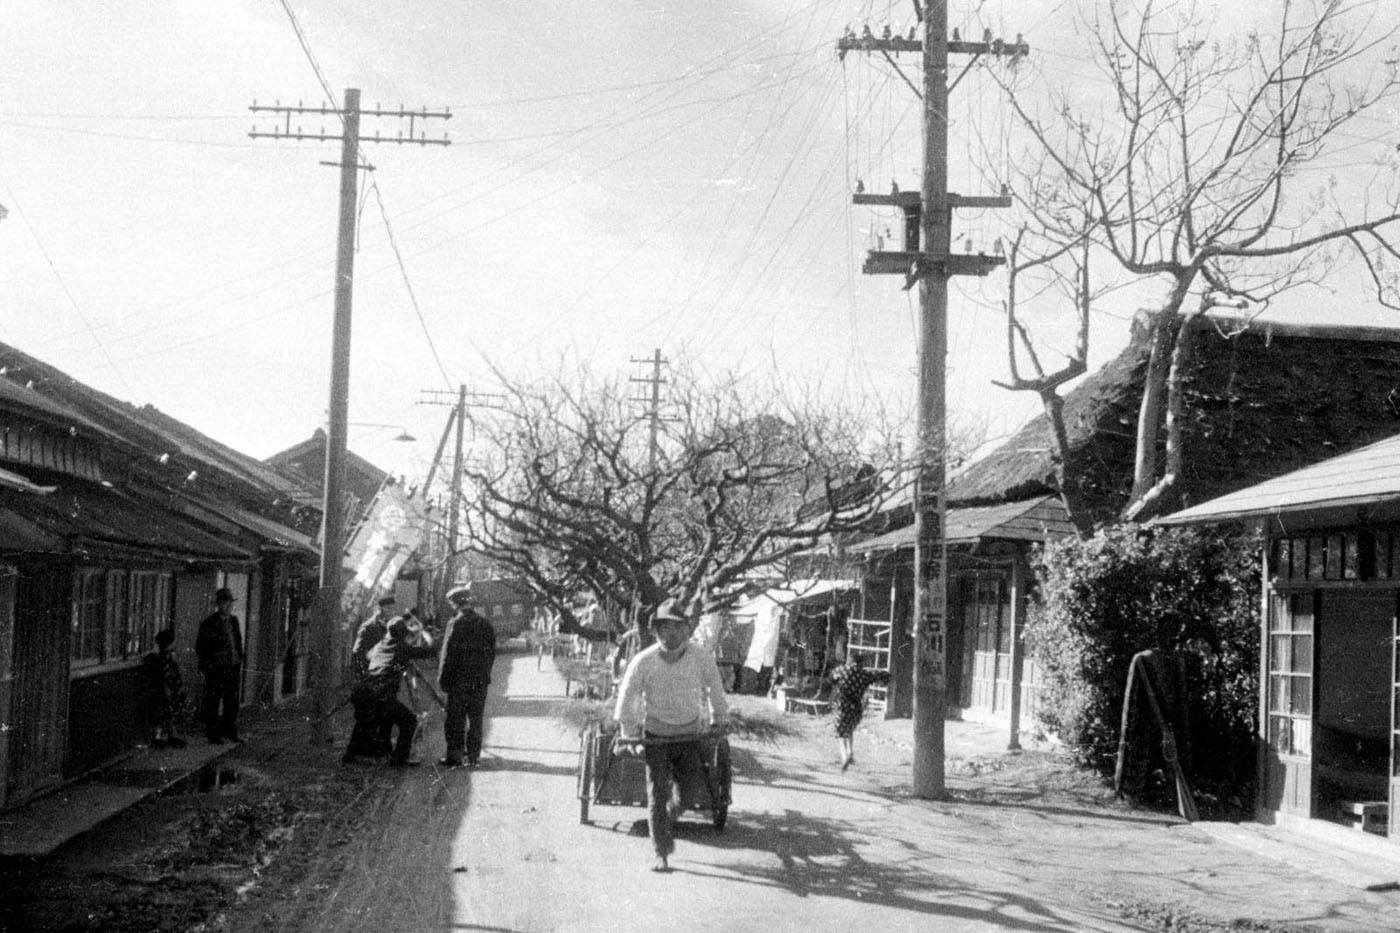 Экспонат #36. Съемочная группа на улицах старого города. Токио. 1932 год